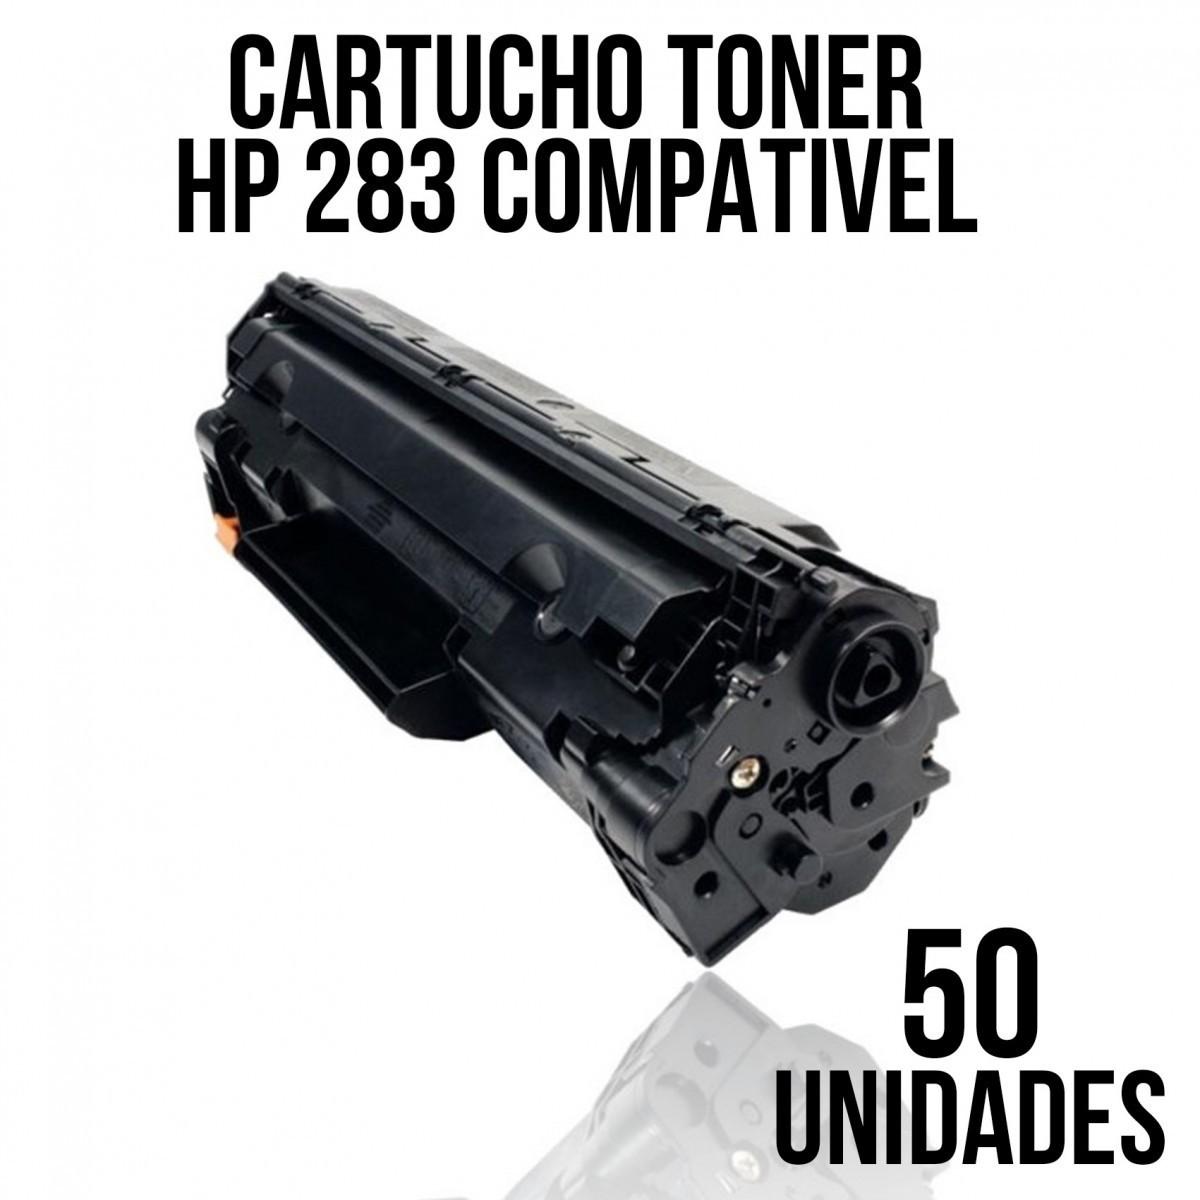 TONER COMPATÍVEL HP 283 A - COM 50 UNIDADES